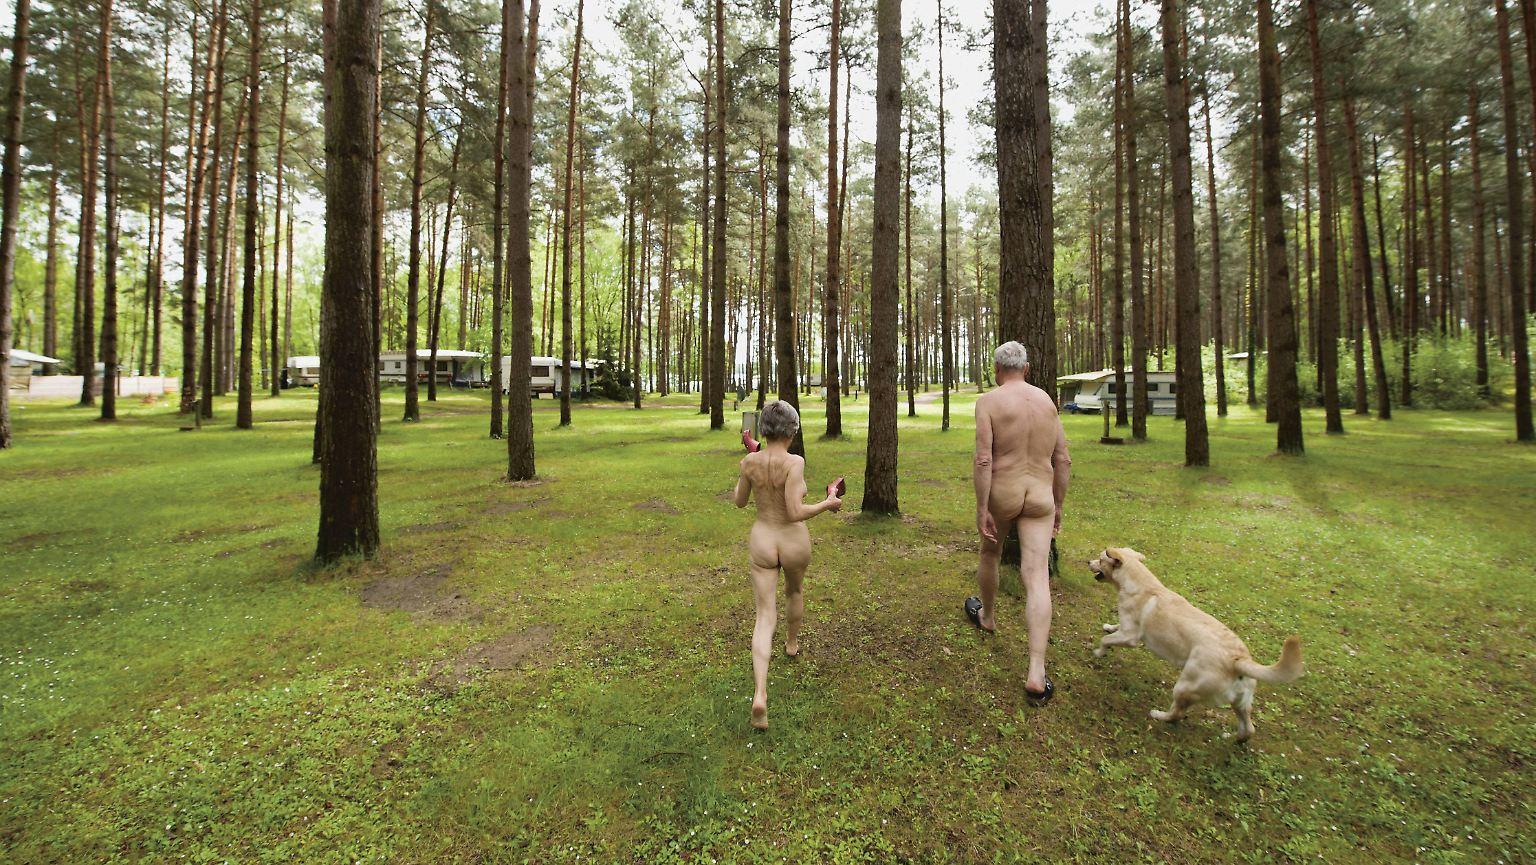 nackt offentlichkeit exhibitionismus